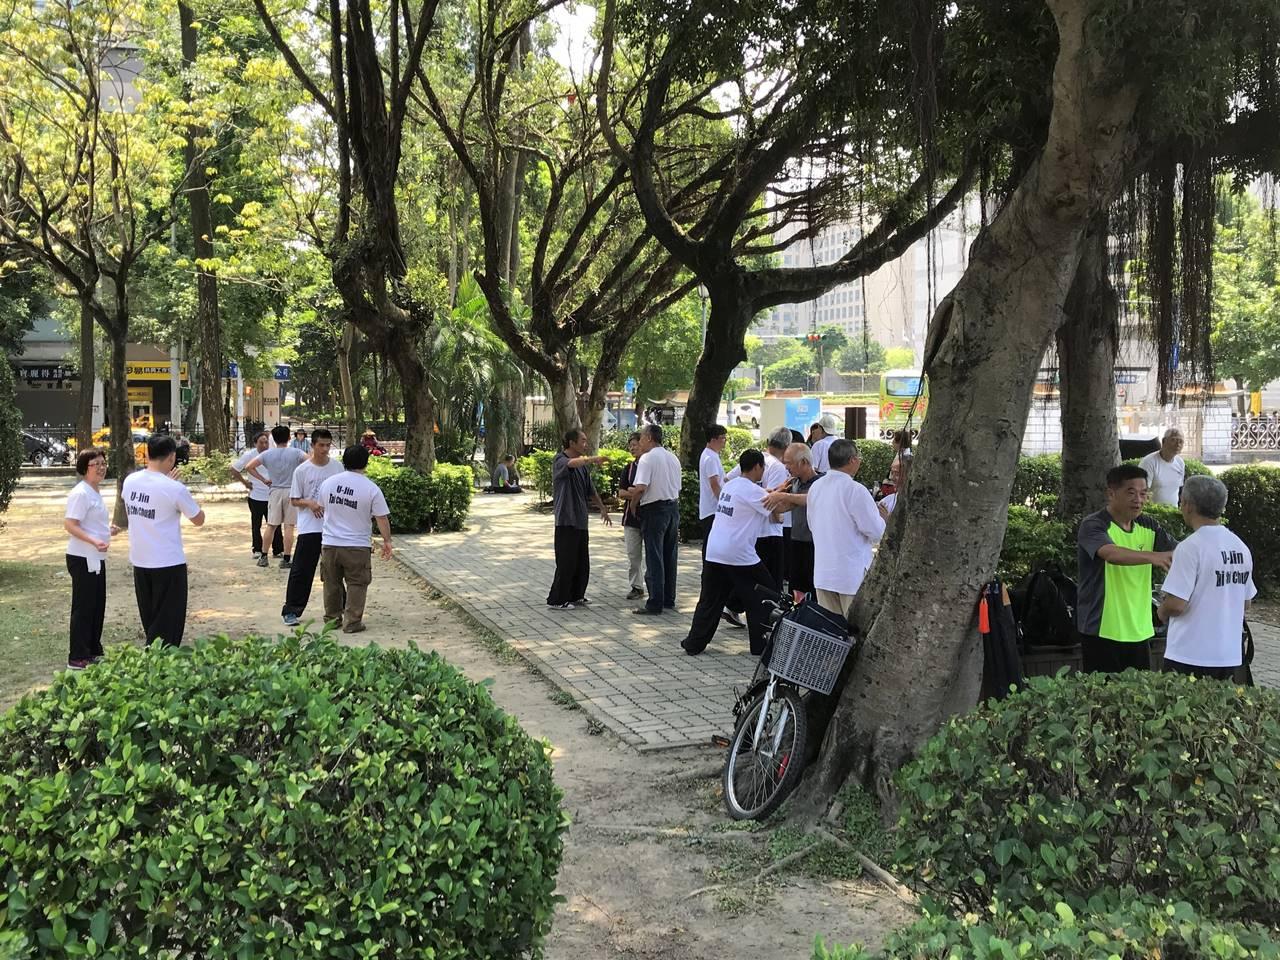 台湾 公園で行われていた太極拳